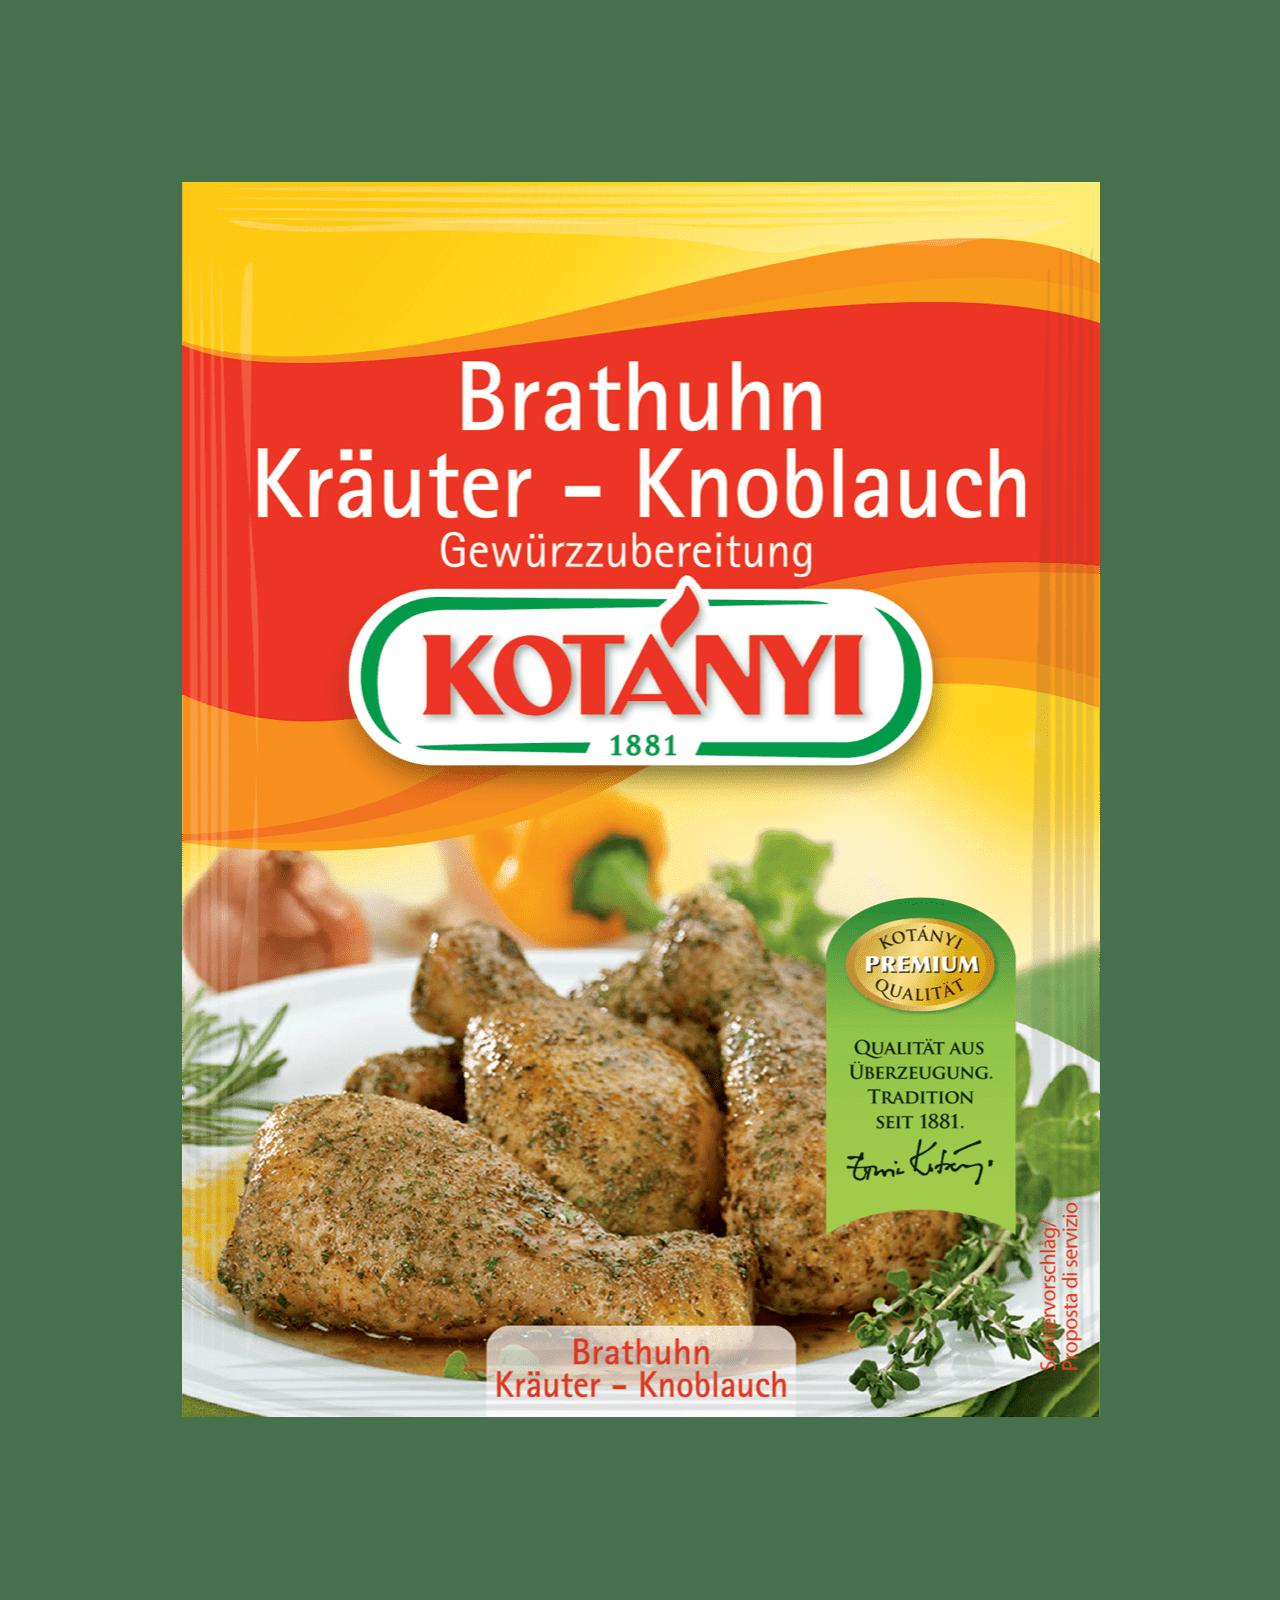 Kotányi Brathuhn Kräuter-Knoblauch Gewürzzubereitung im Brief